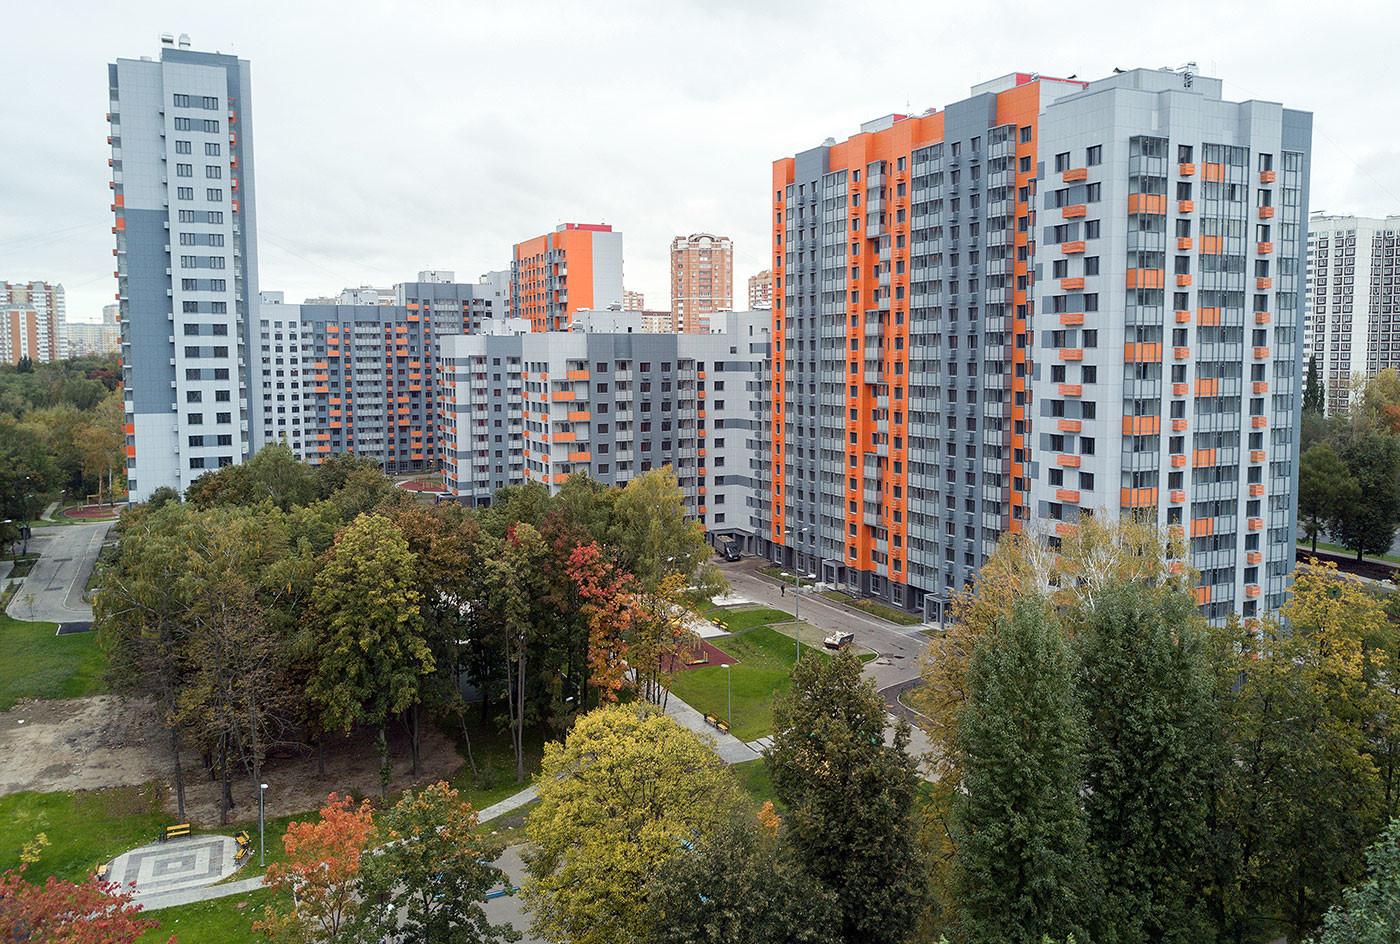 Многоэтажные жилые дома в Москве, предназначенные для переселения участников программы реновации. Фото: © РИА Новости / Максим Блинов